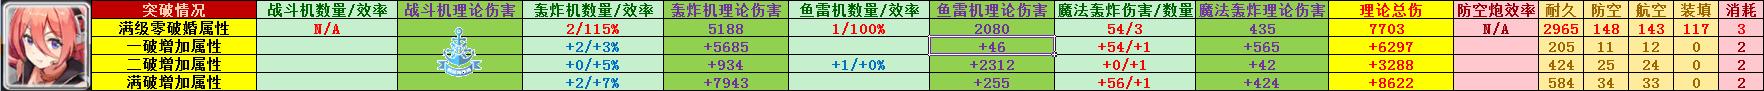 轻航-突击者.png